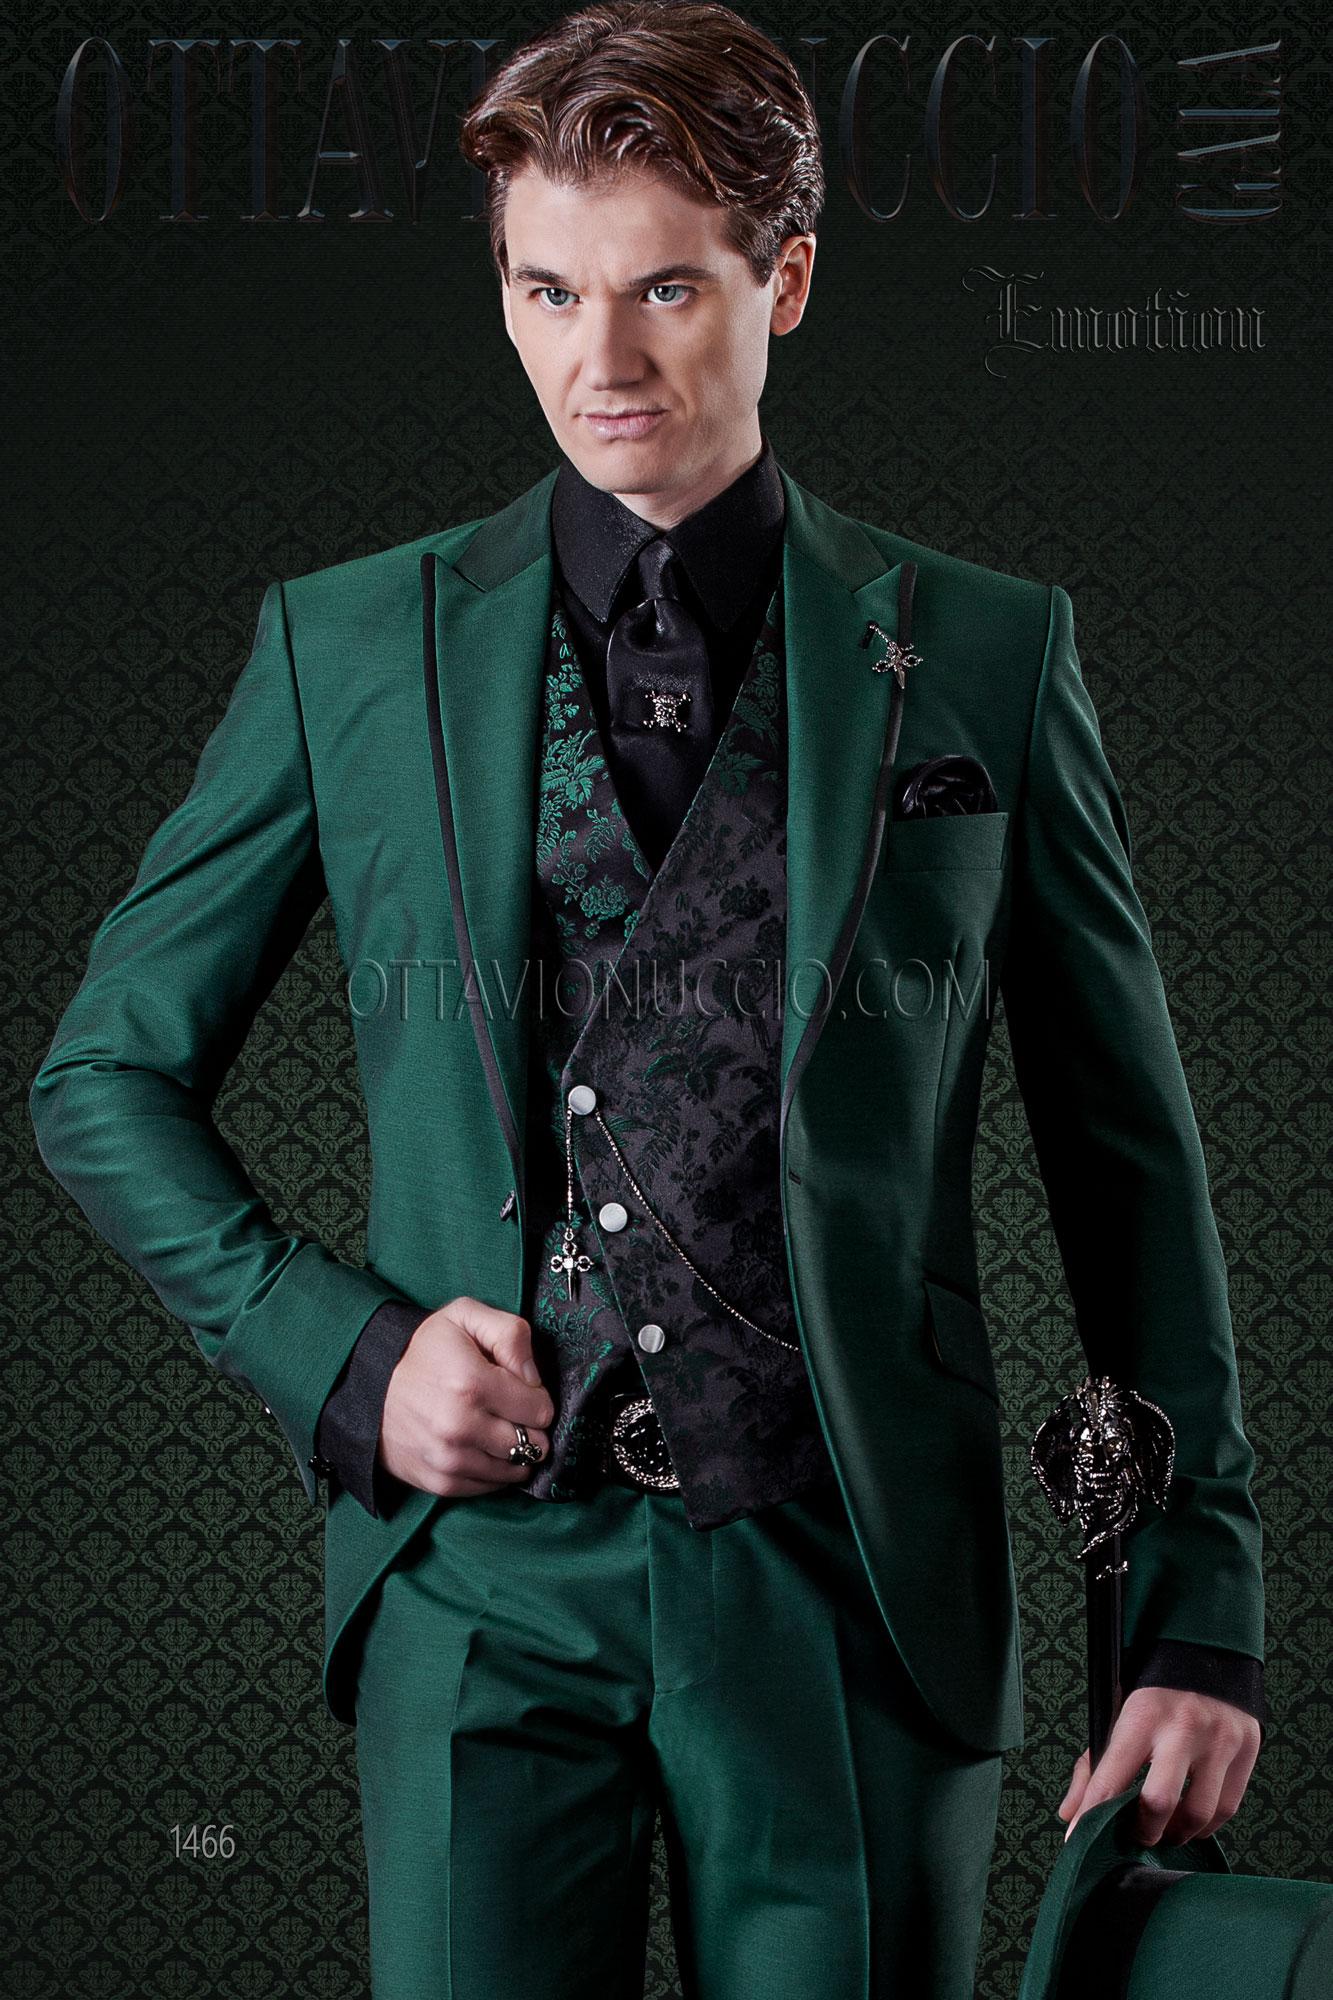 Abito Matrimonio Uomo Verde : Abito uomo moda verde profili a contrasto e gilet damascato